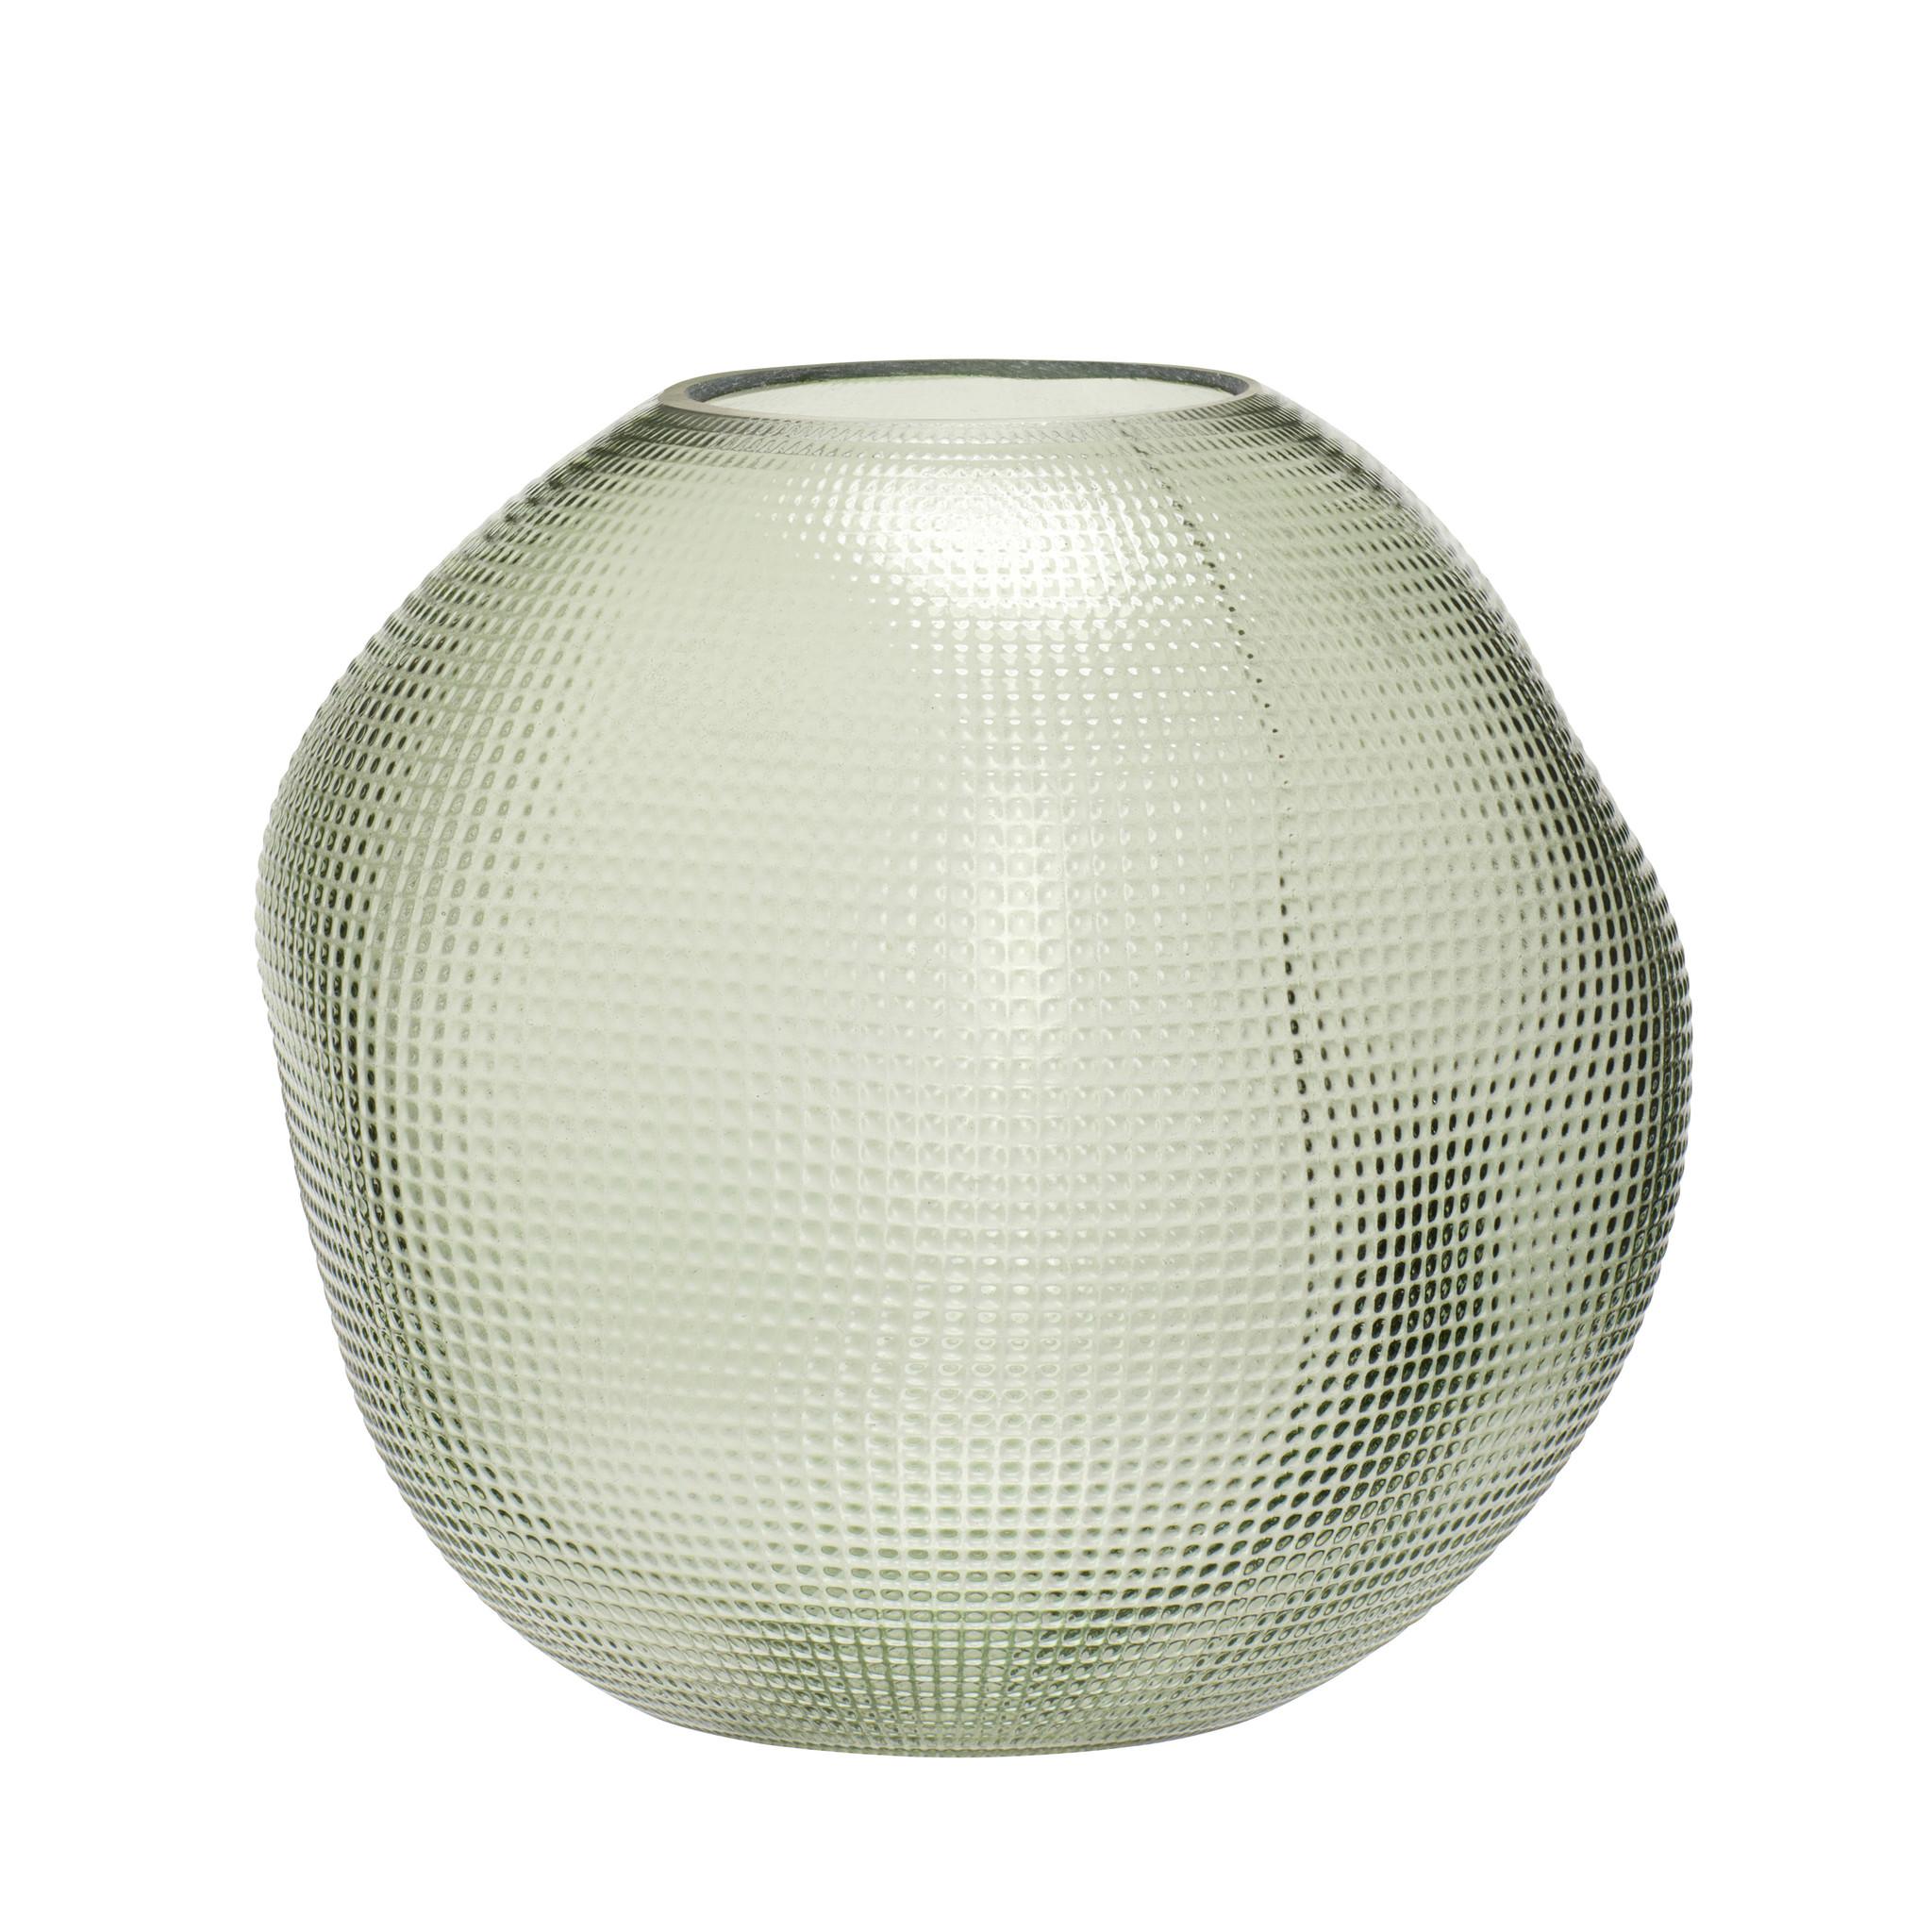 Hubsch Vaas, glas, groen-180901-5712772061473